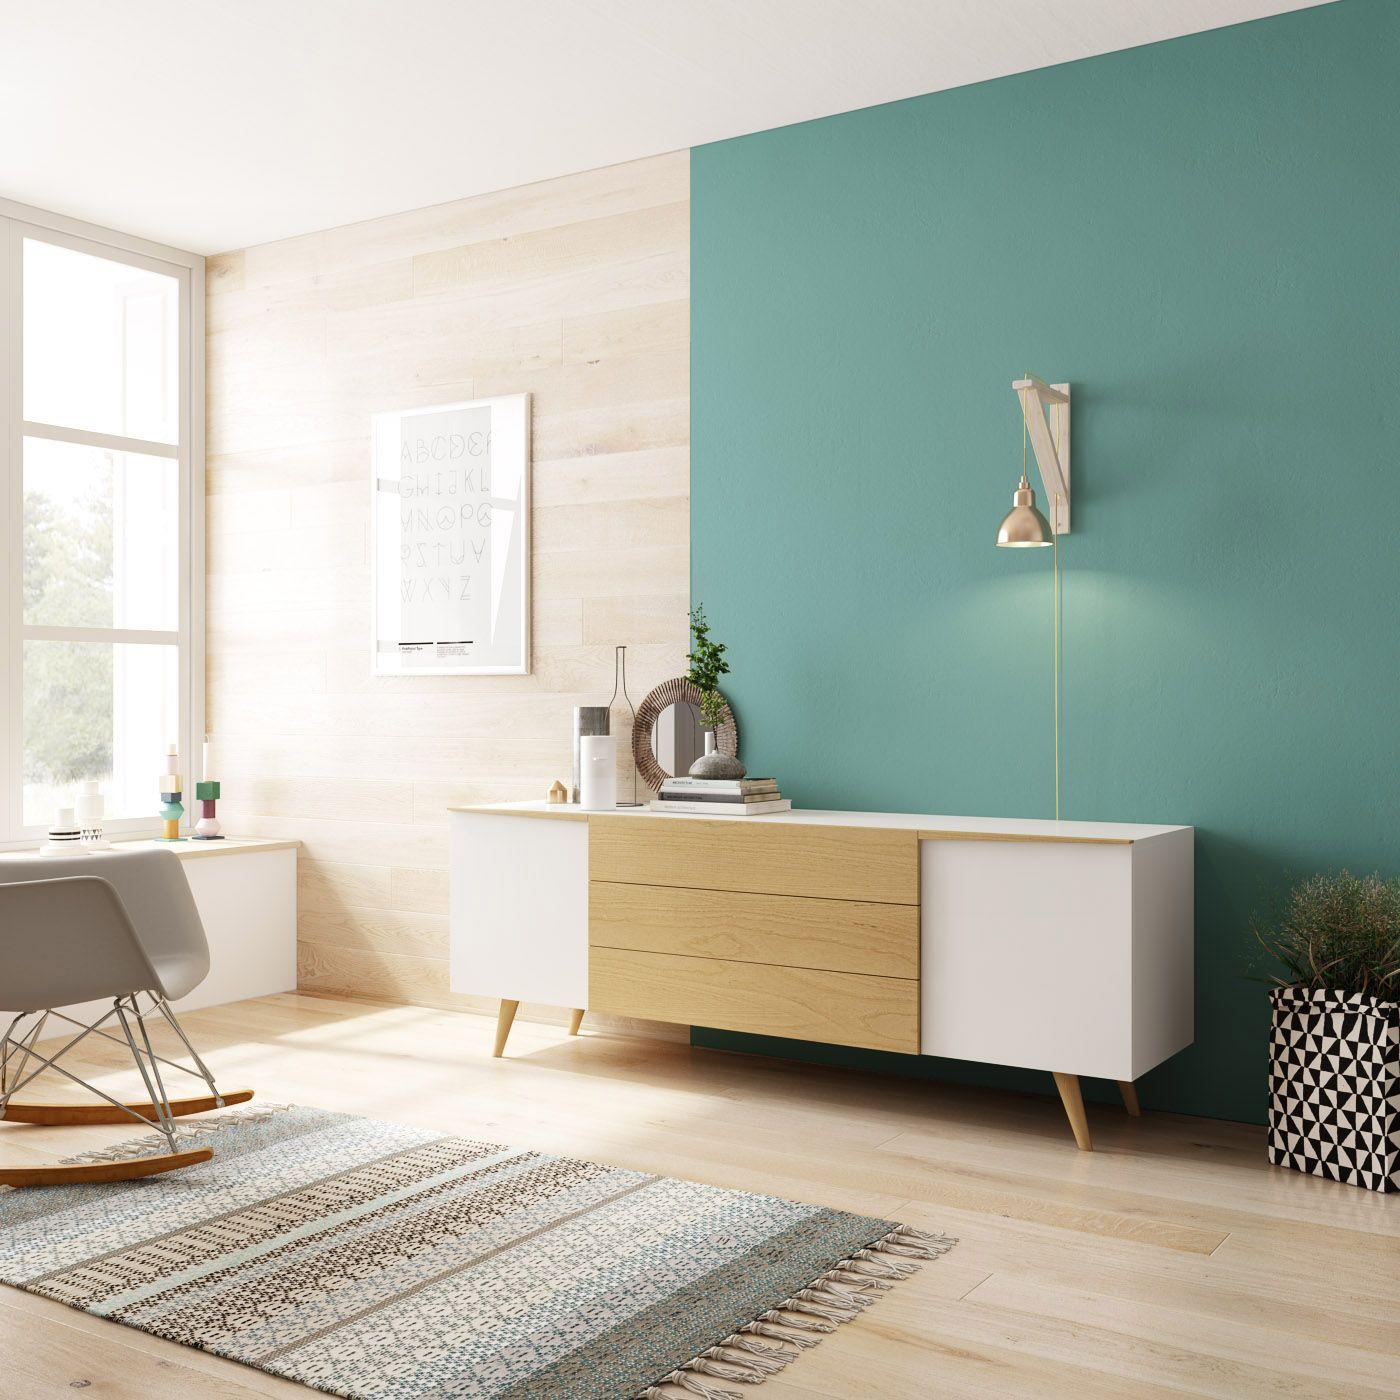 Aparador para el sal n de estilo n rdico http www for Muebles nordicos online